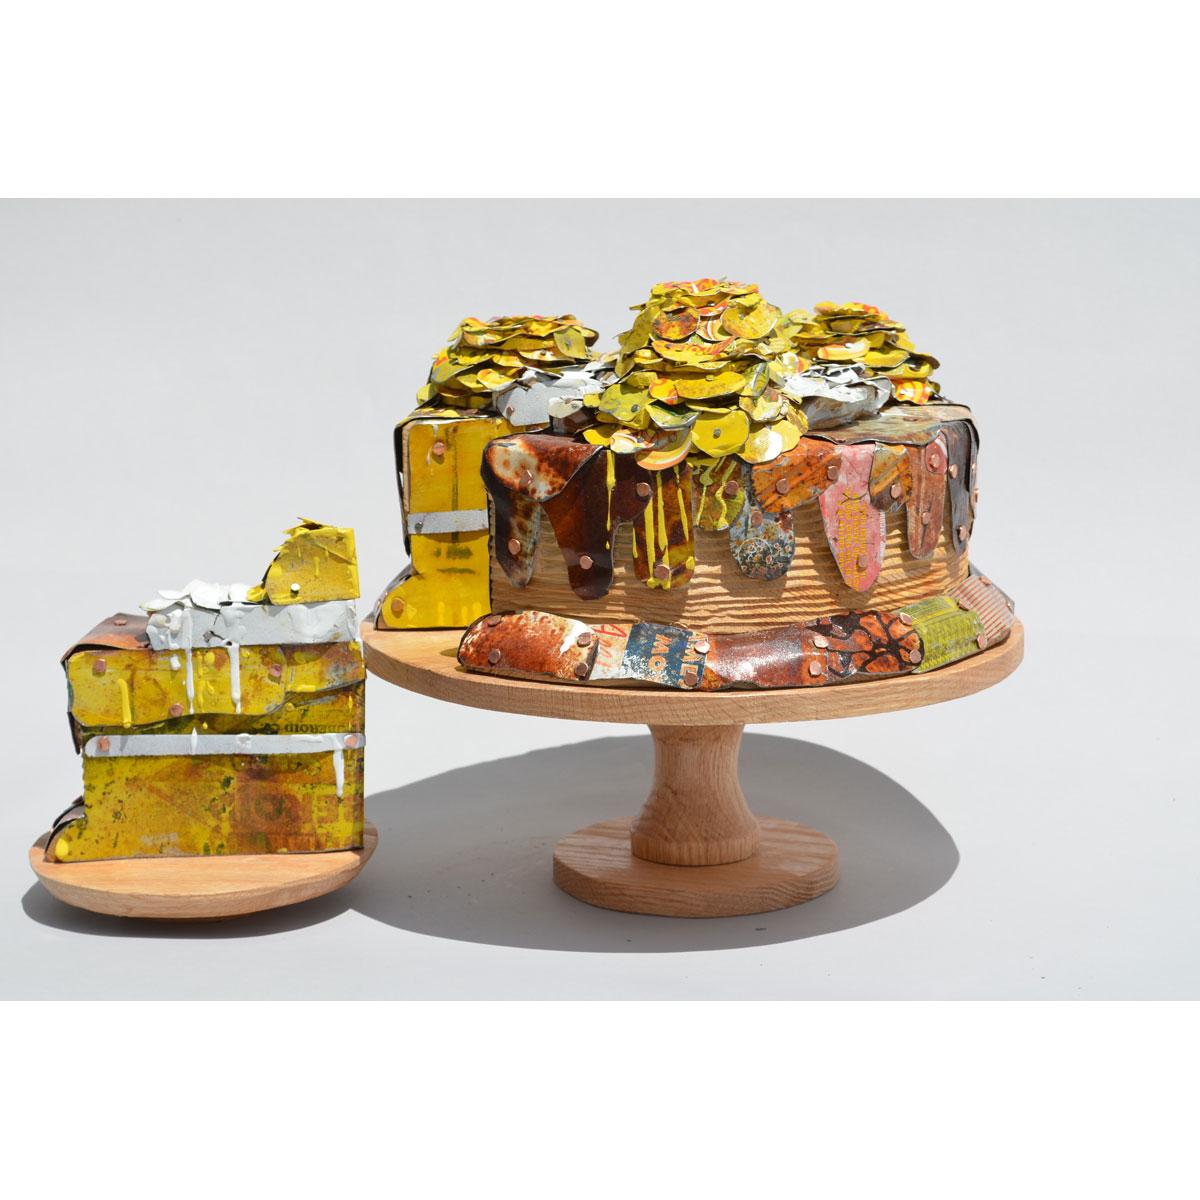 Painters Cake by Silvia Davis